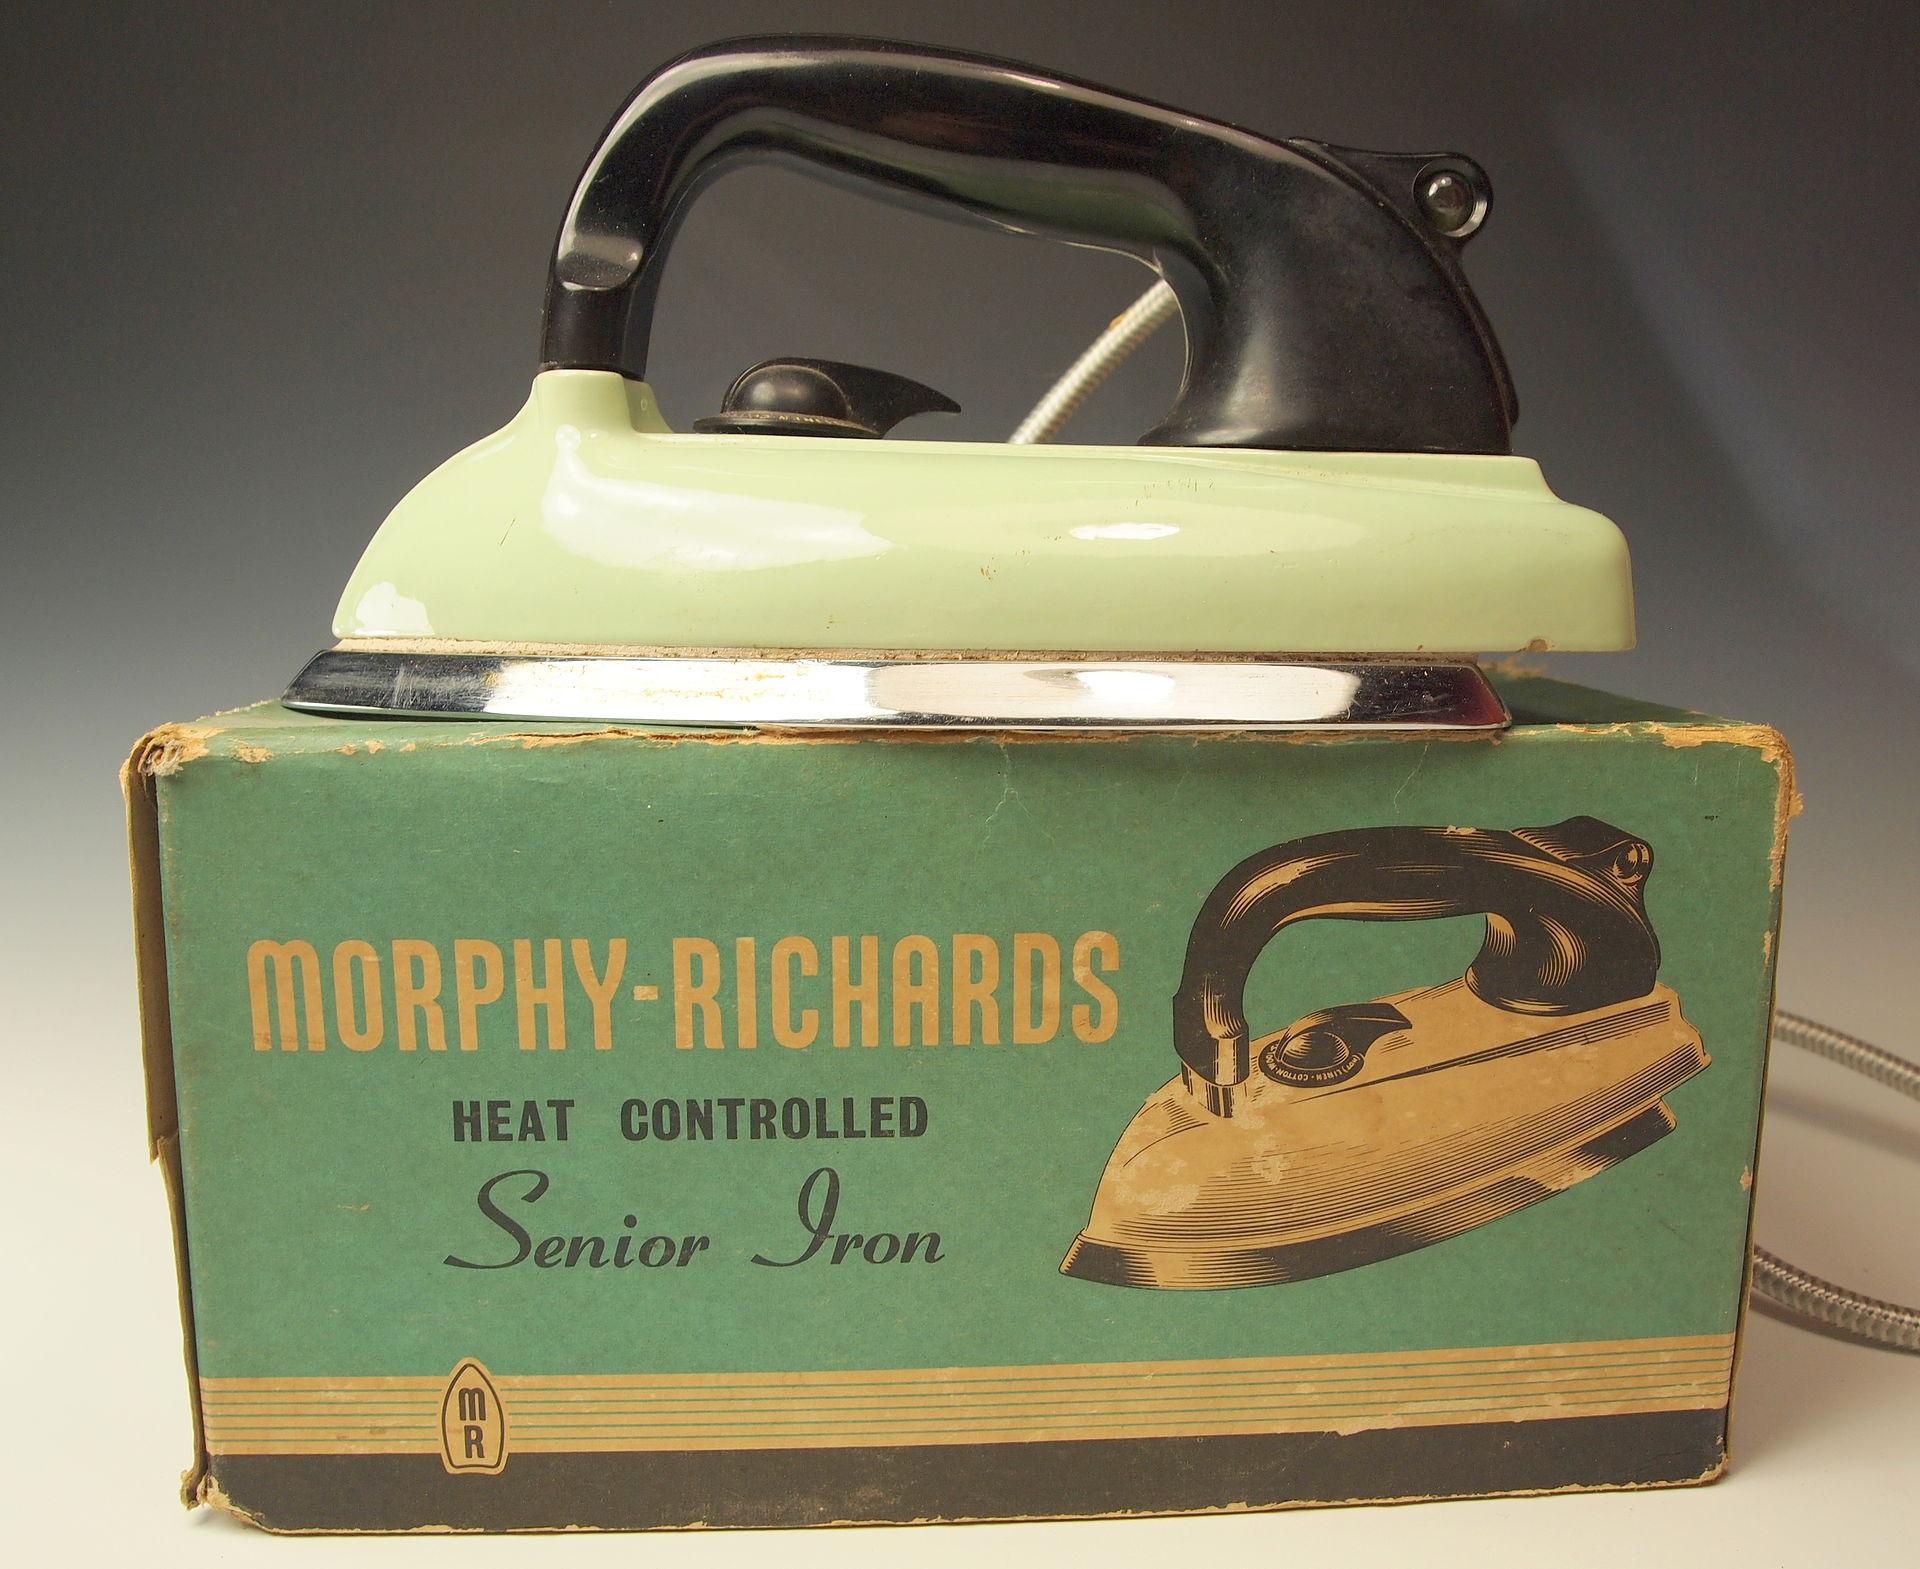 morphy richards wikipedia. Black Bedroom Furniture Sets. Home Design Ideas